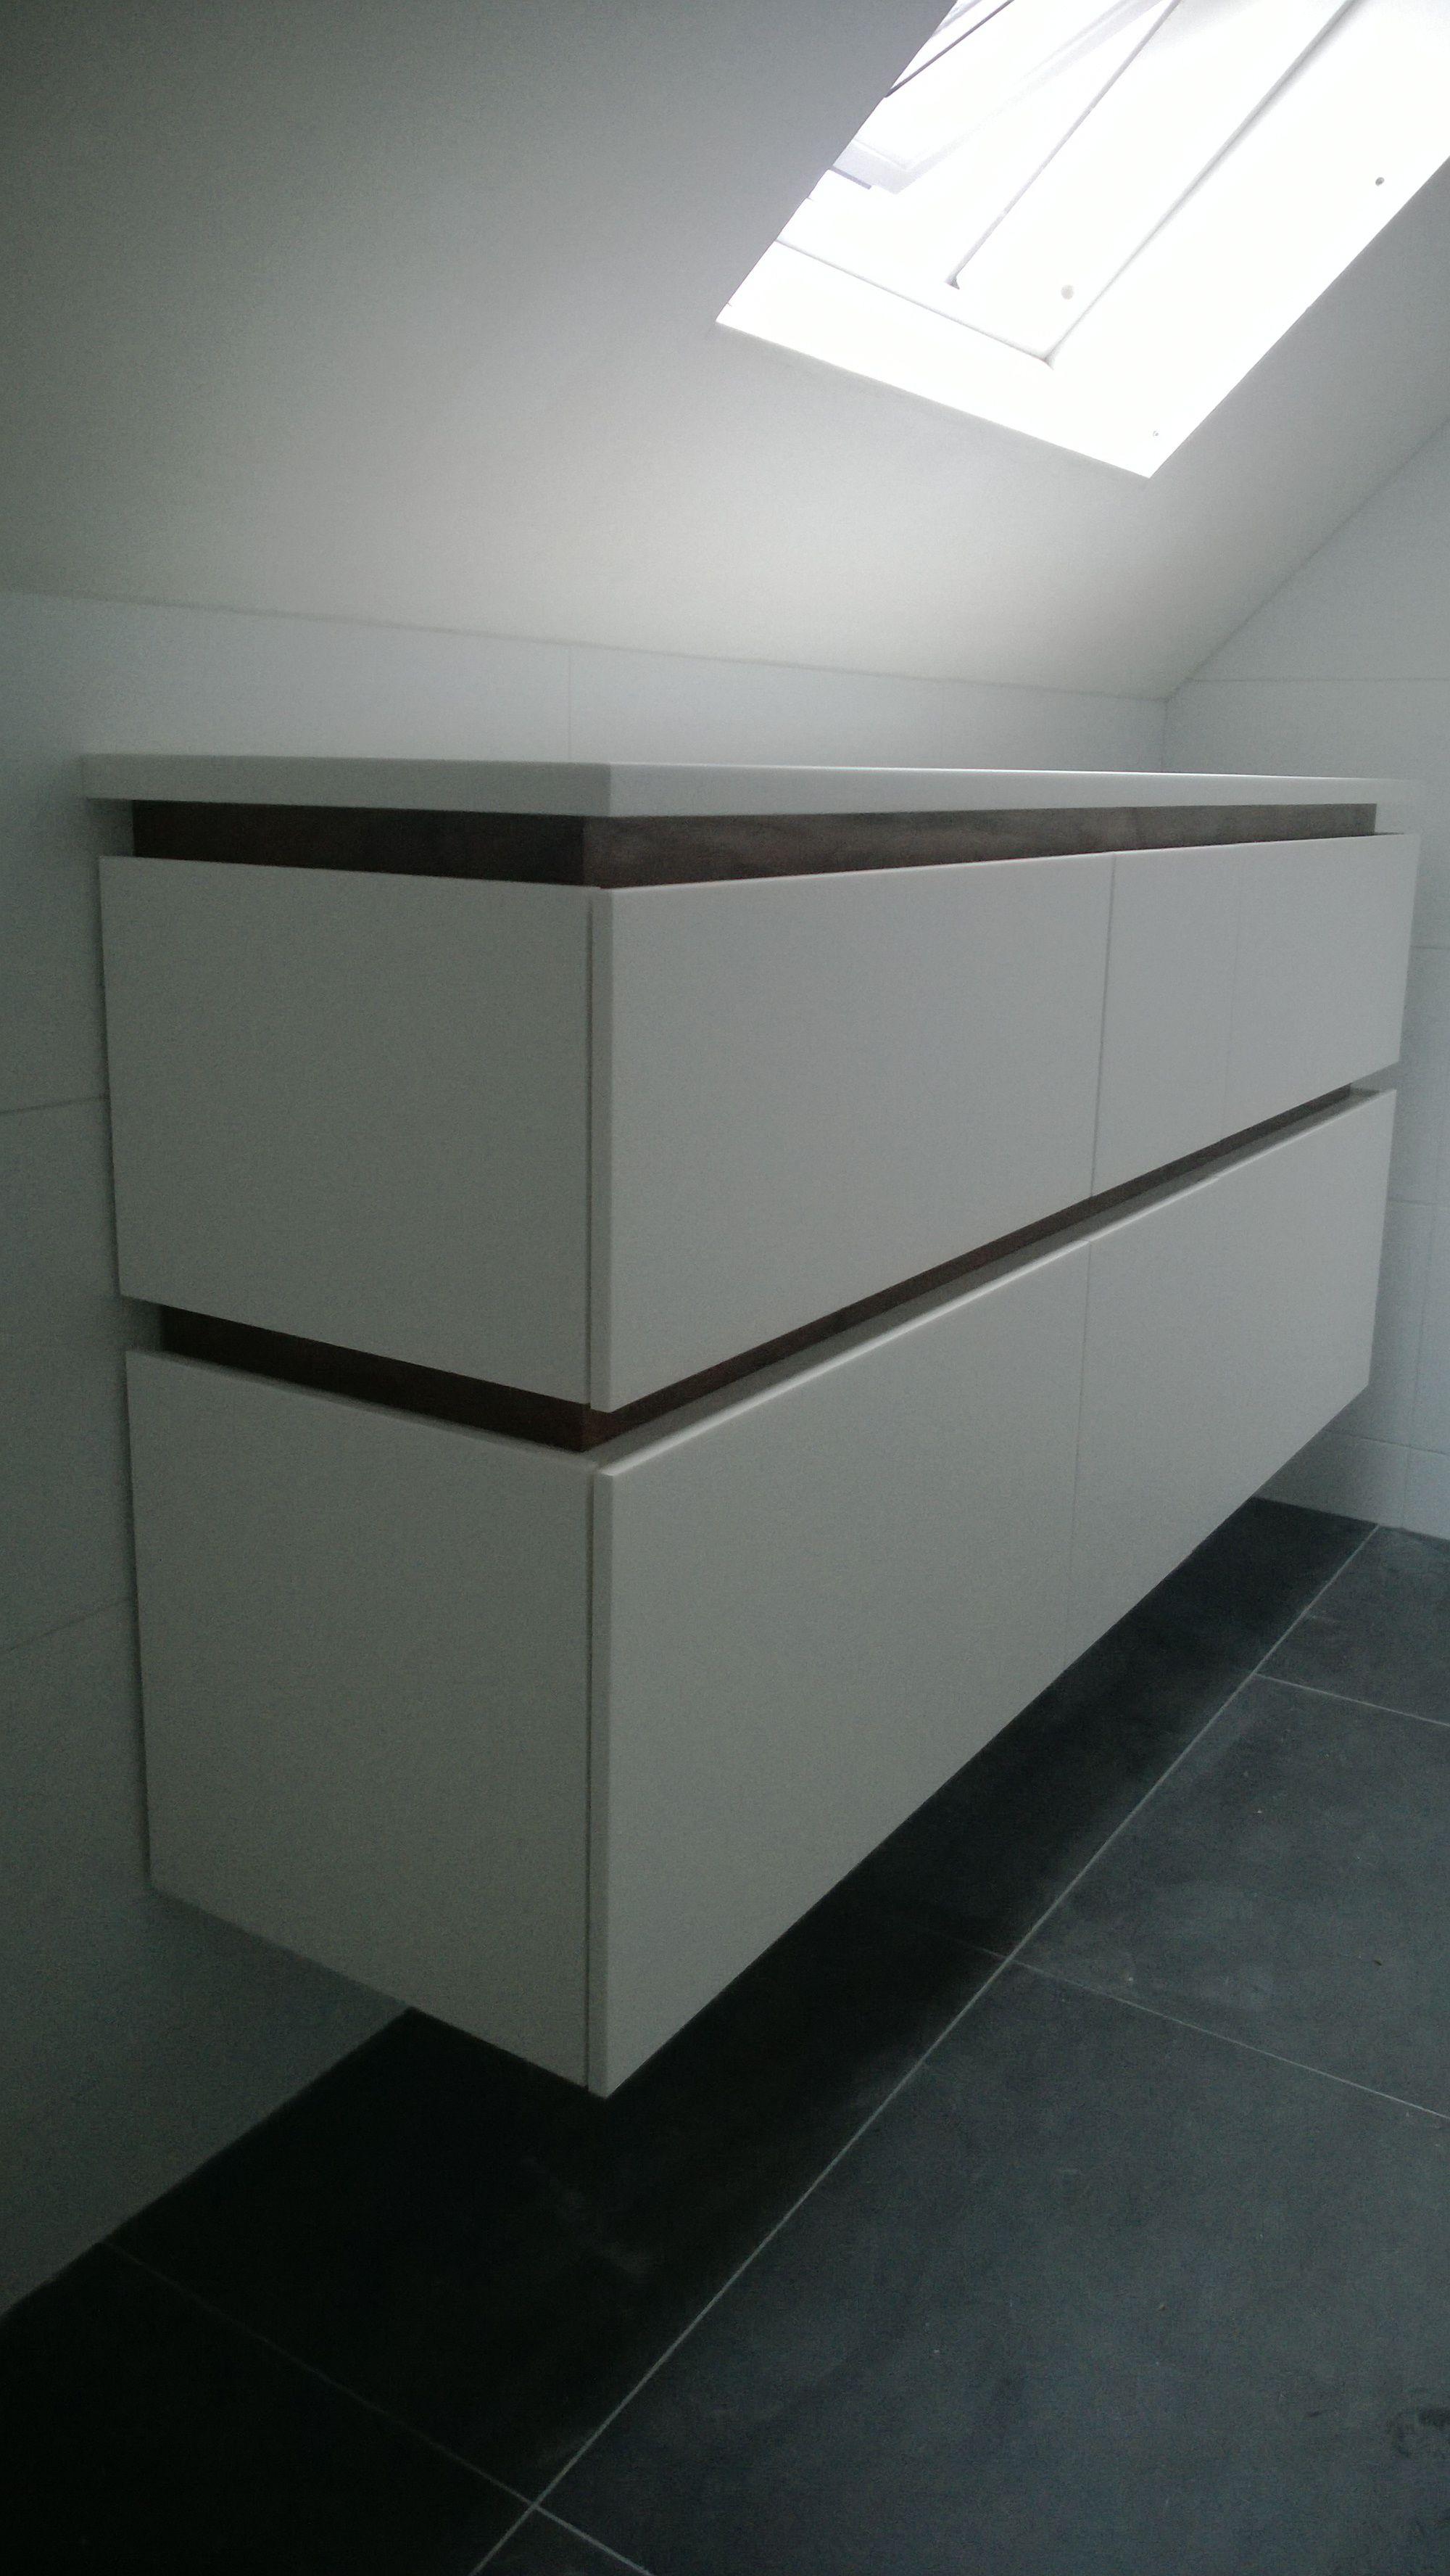 droog meubel kleiner uitgevoerd voor onder het klapraam